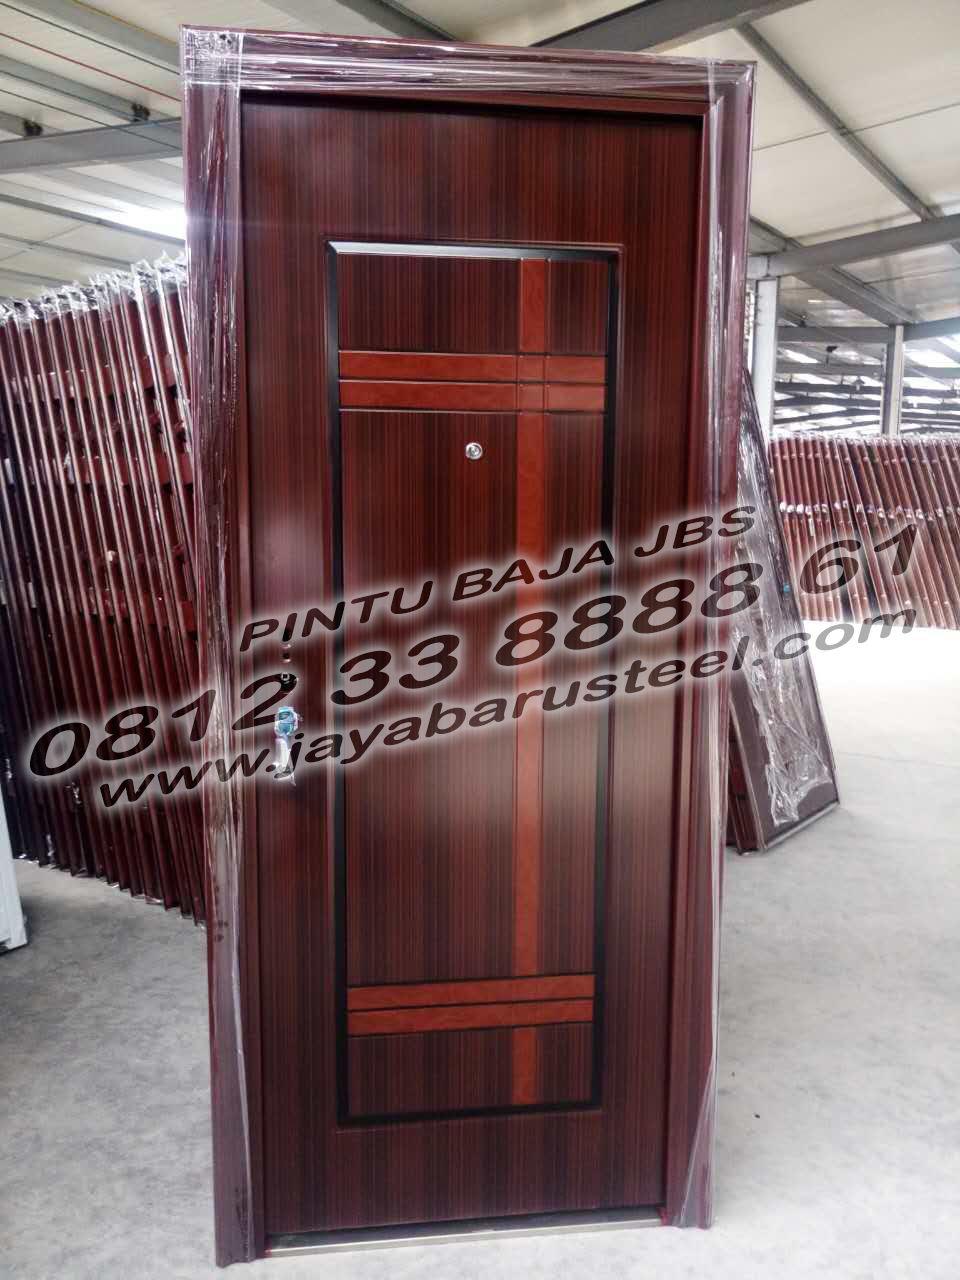 Pintu Rumah Mewah Pintu Panel Pintu Panil Pintu Rumah Minimalis Terbaru 2017 Pintu Rumah Model 2017 Pintu Rumah Min Desain Kamar Desain Produk Rumah Mewah